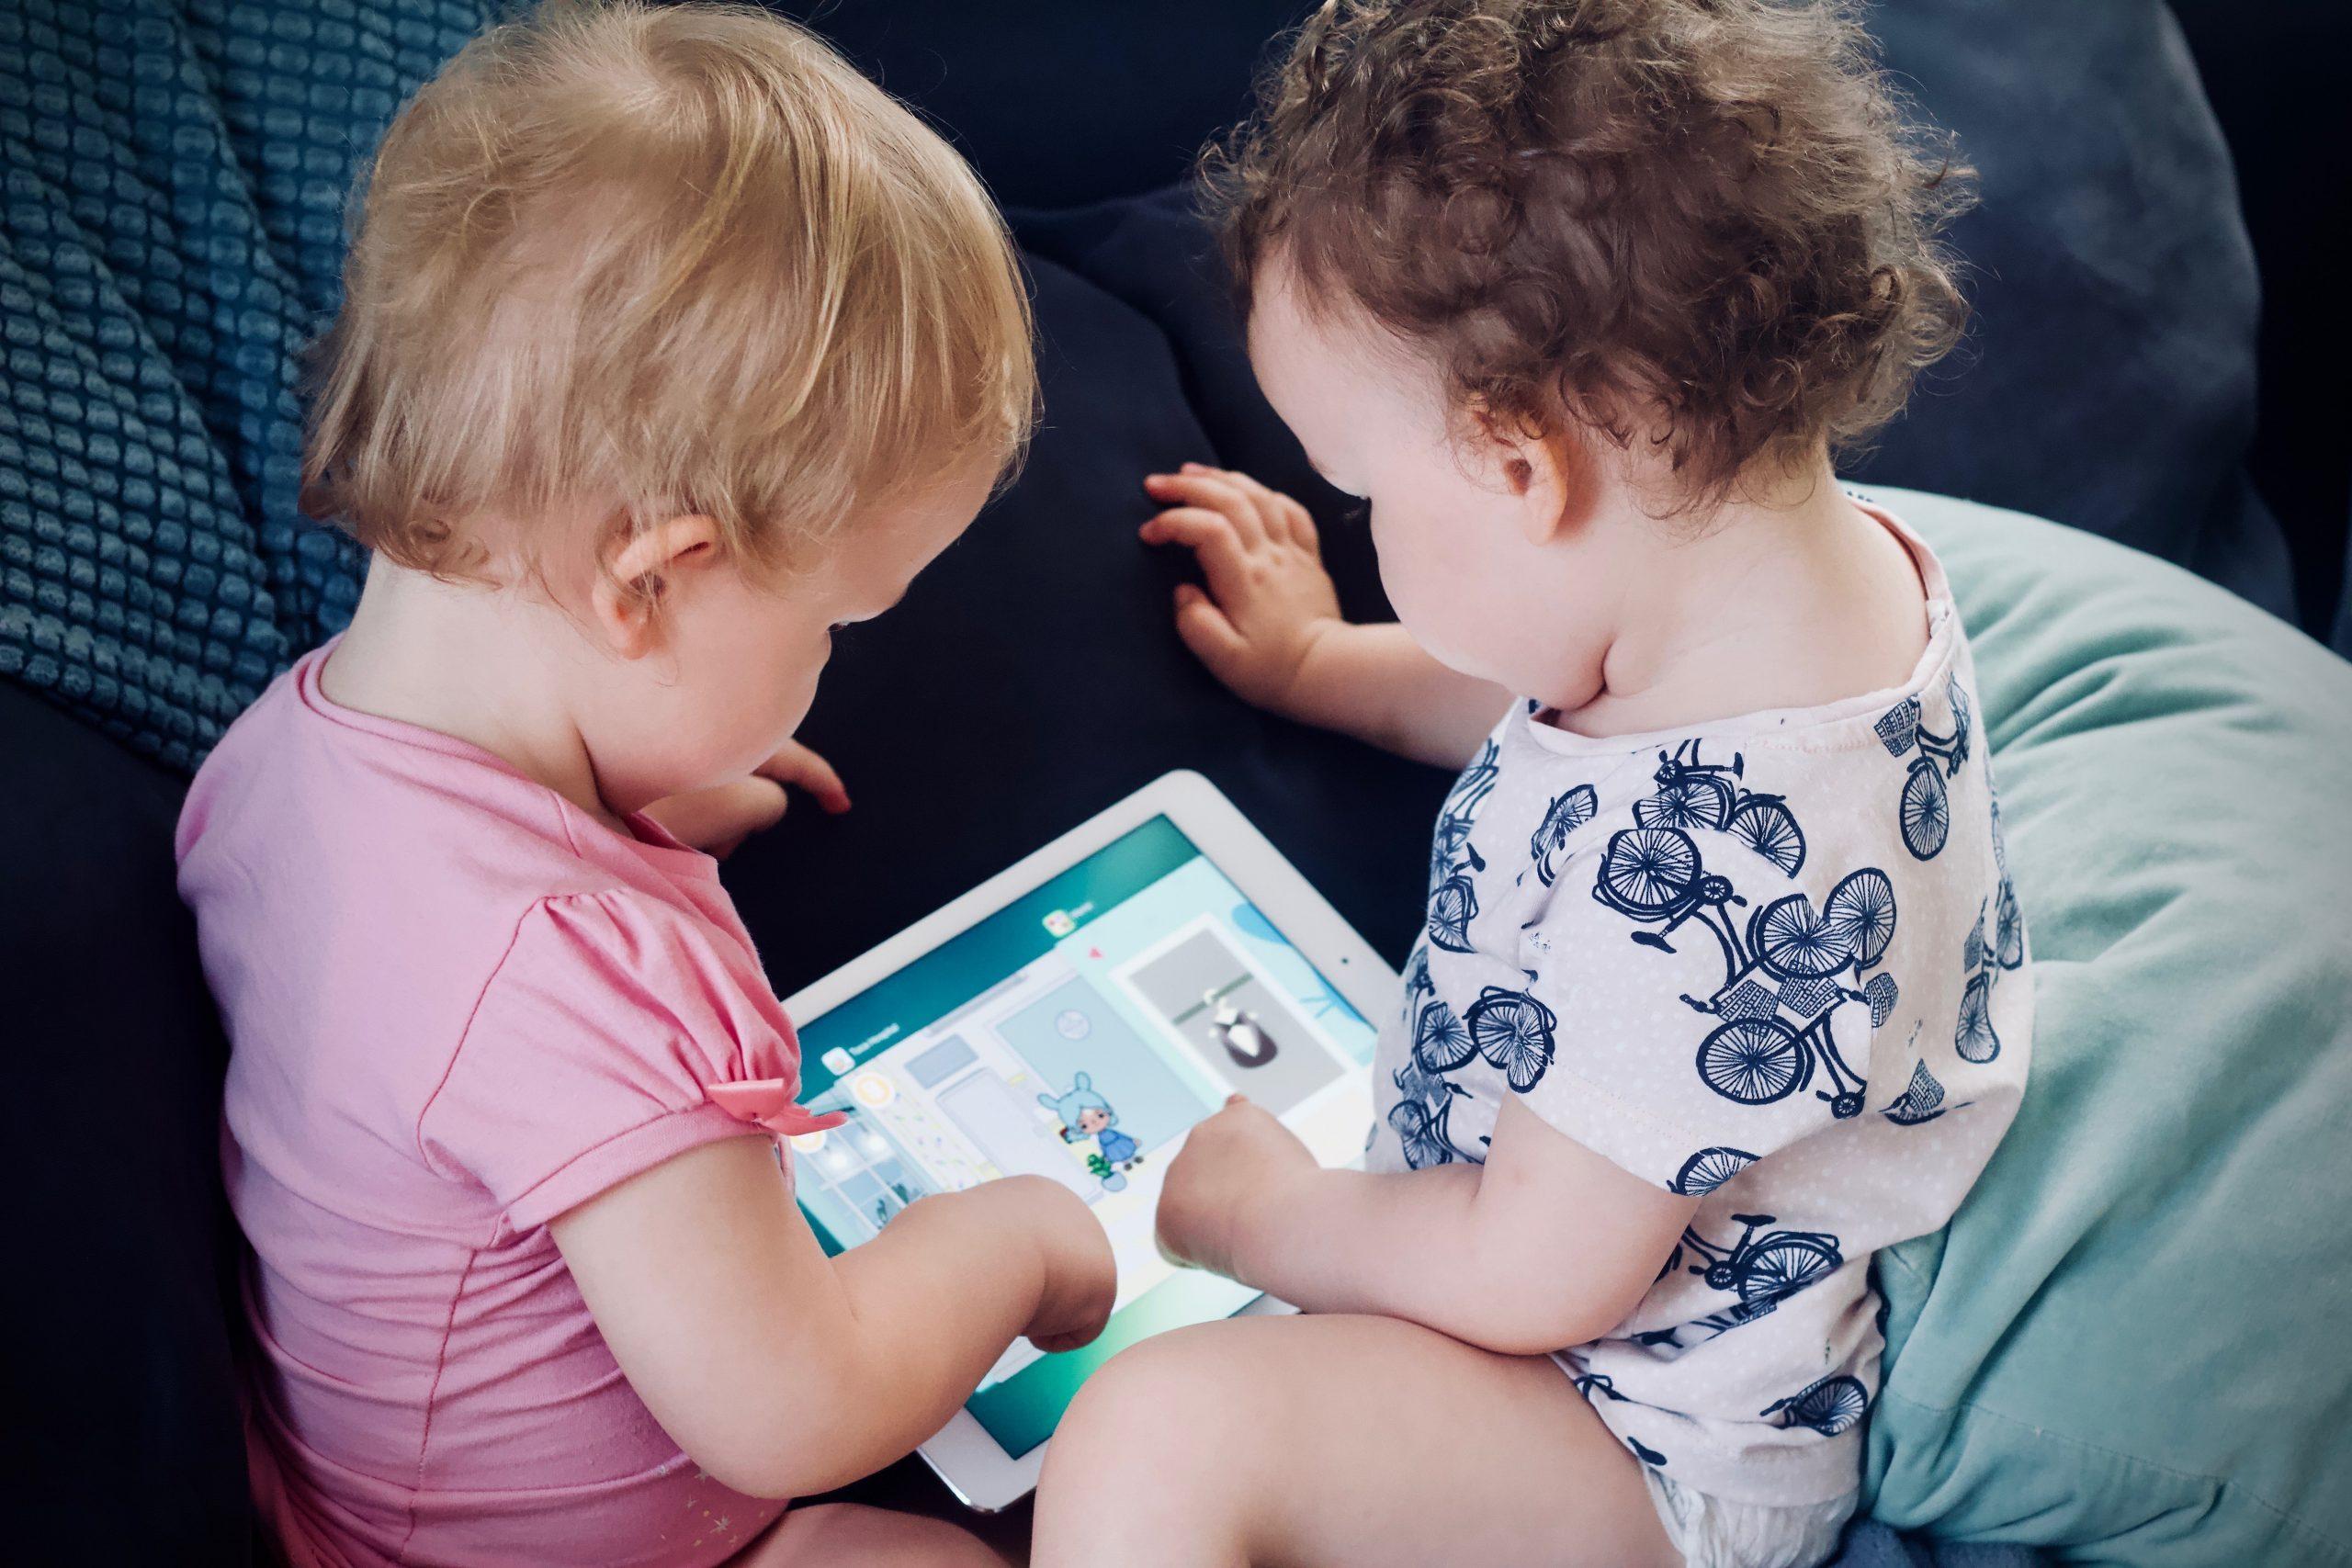 Imagem mostra dois bebês mexendo em um tablet